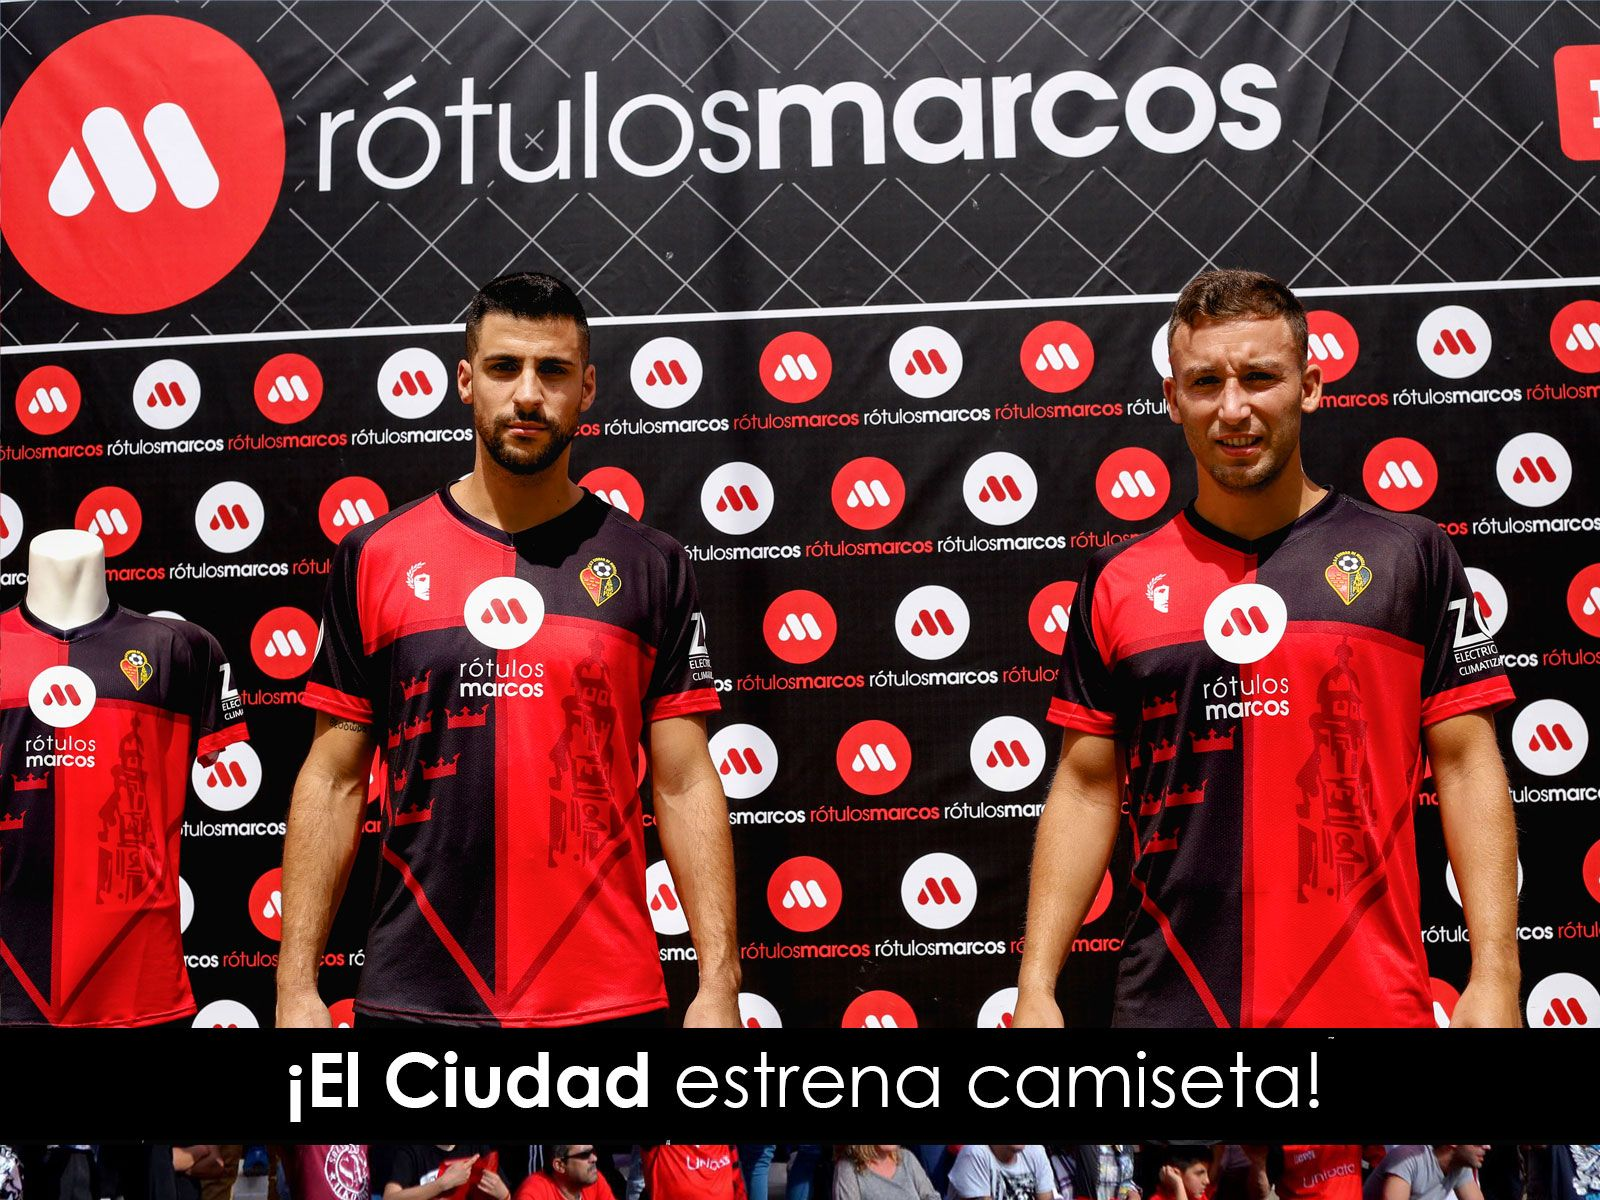 Foto El Ciudad estrena camiseta y 4 nuevos patrocinadores